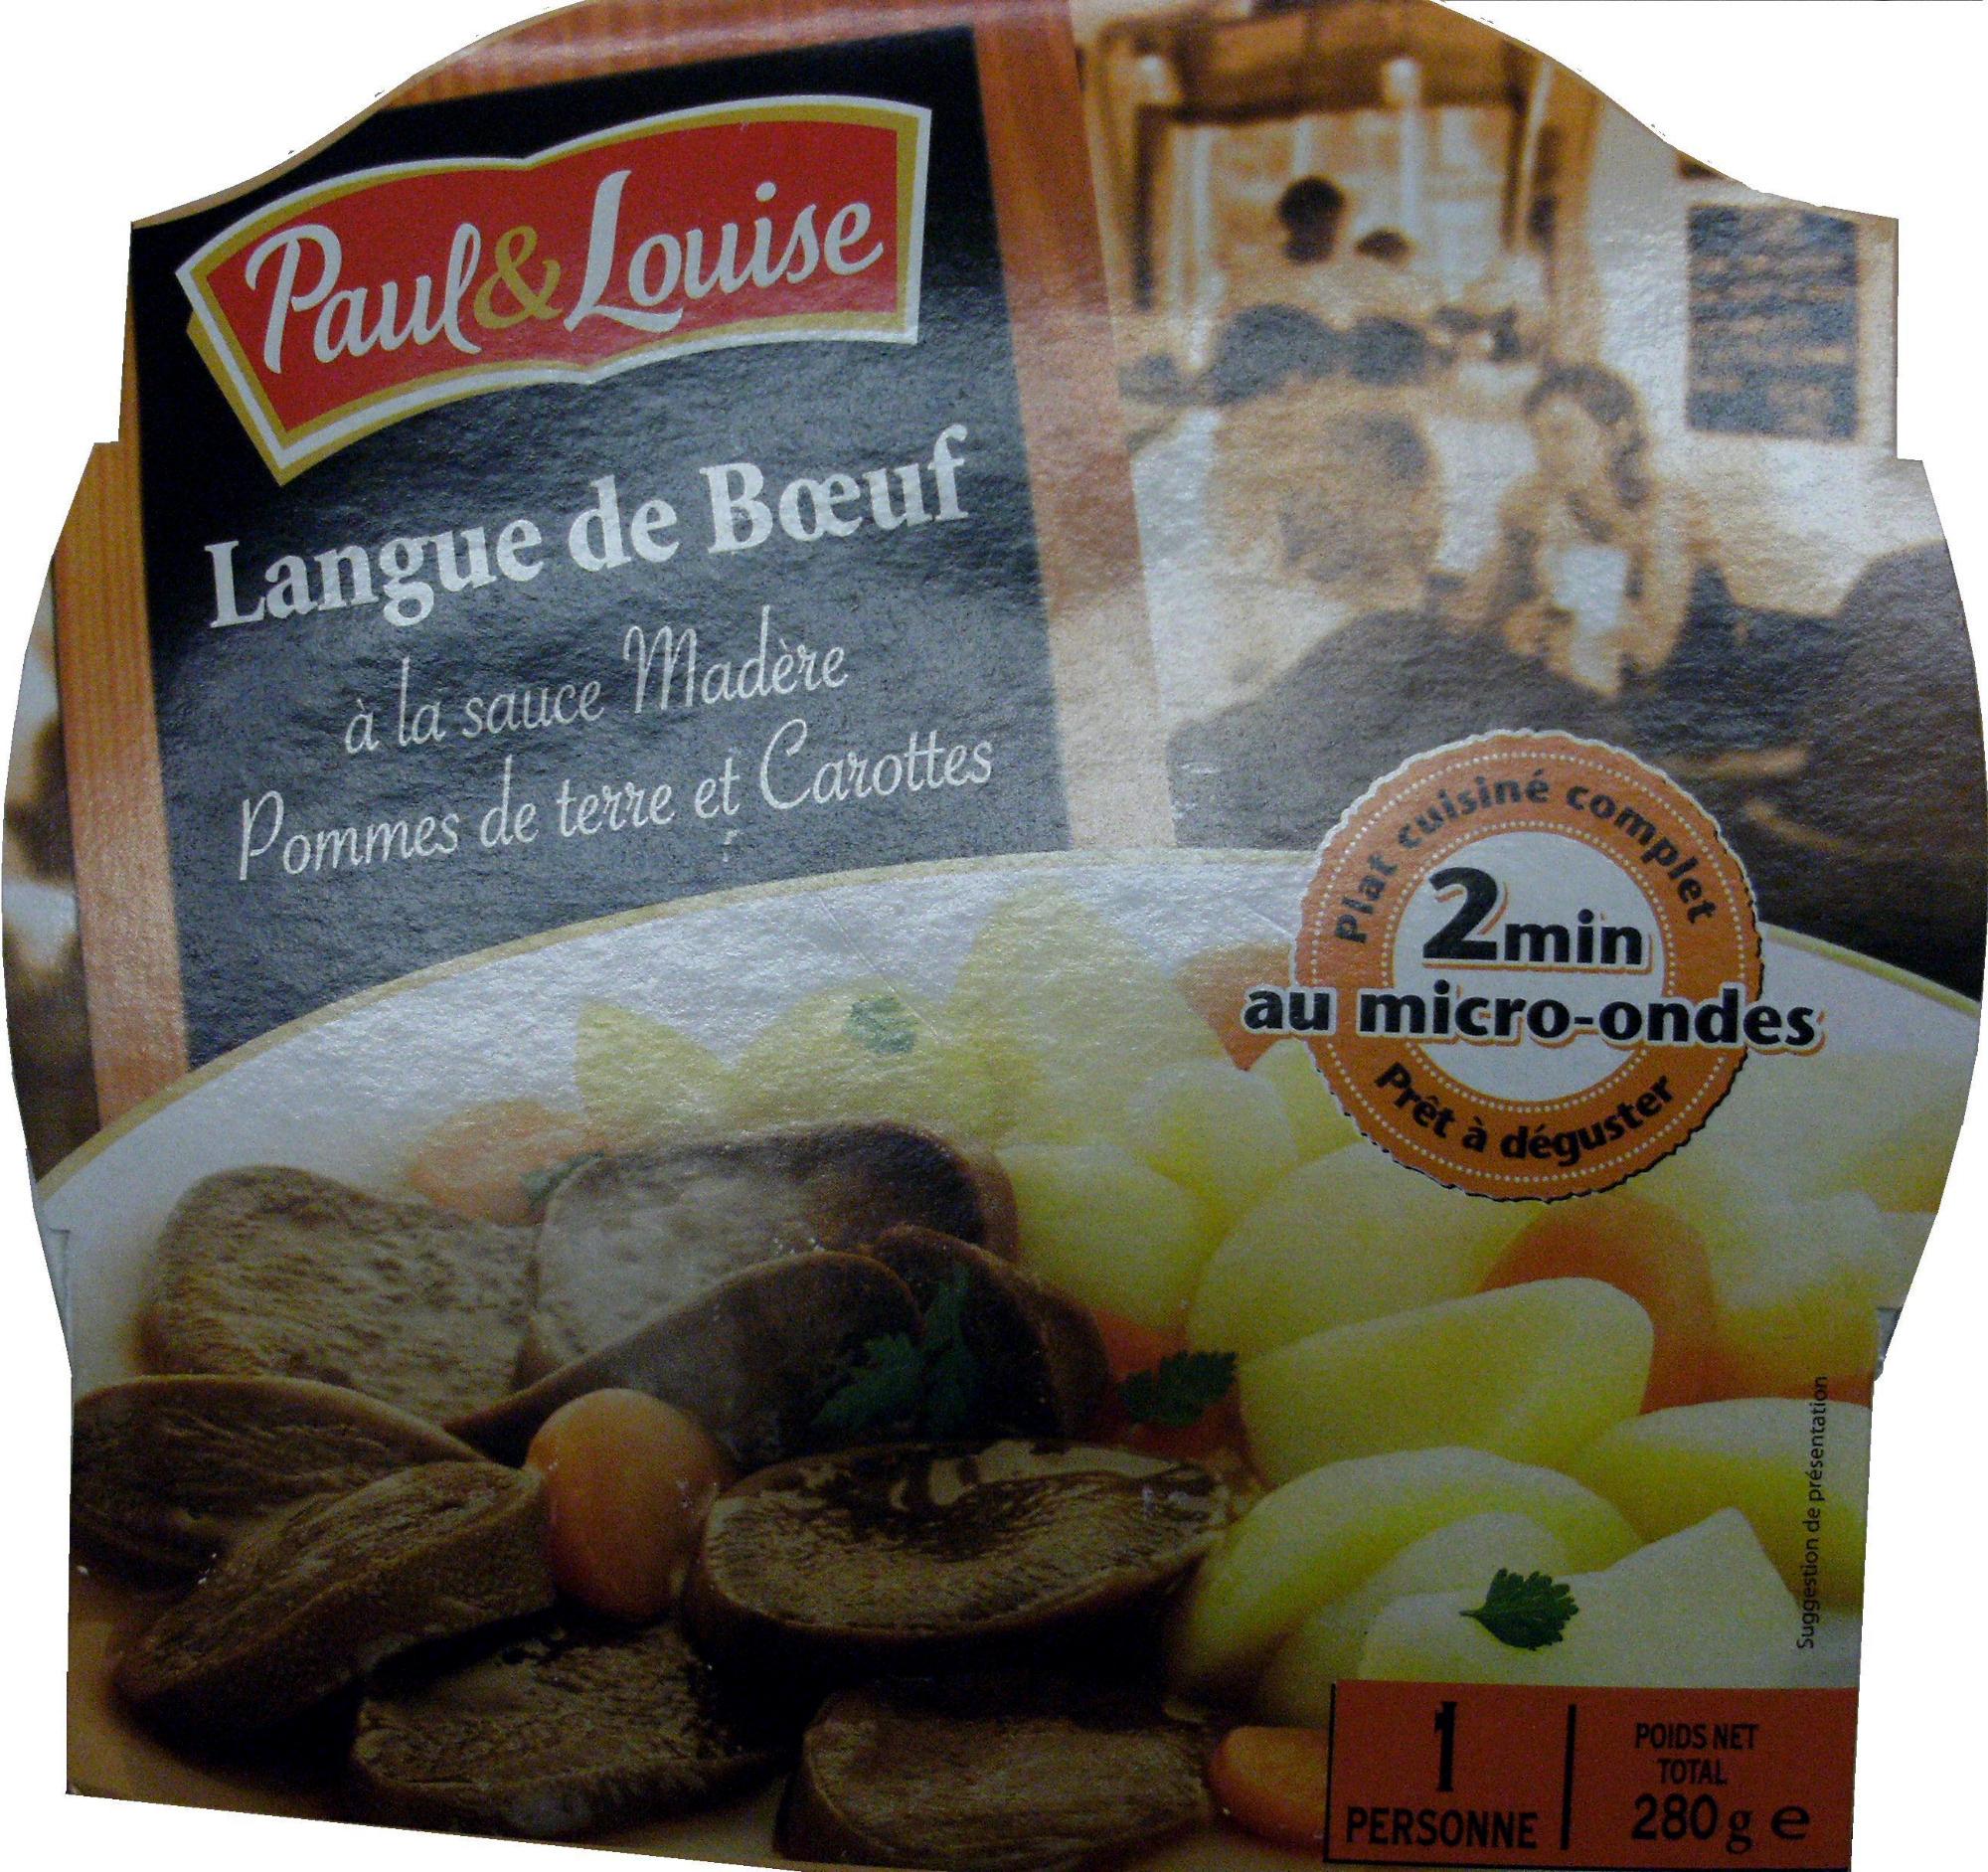 Langue de bœuf à la sauce Madère, Pommes de terre et Carottes - Product - fr